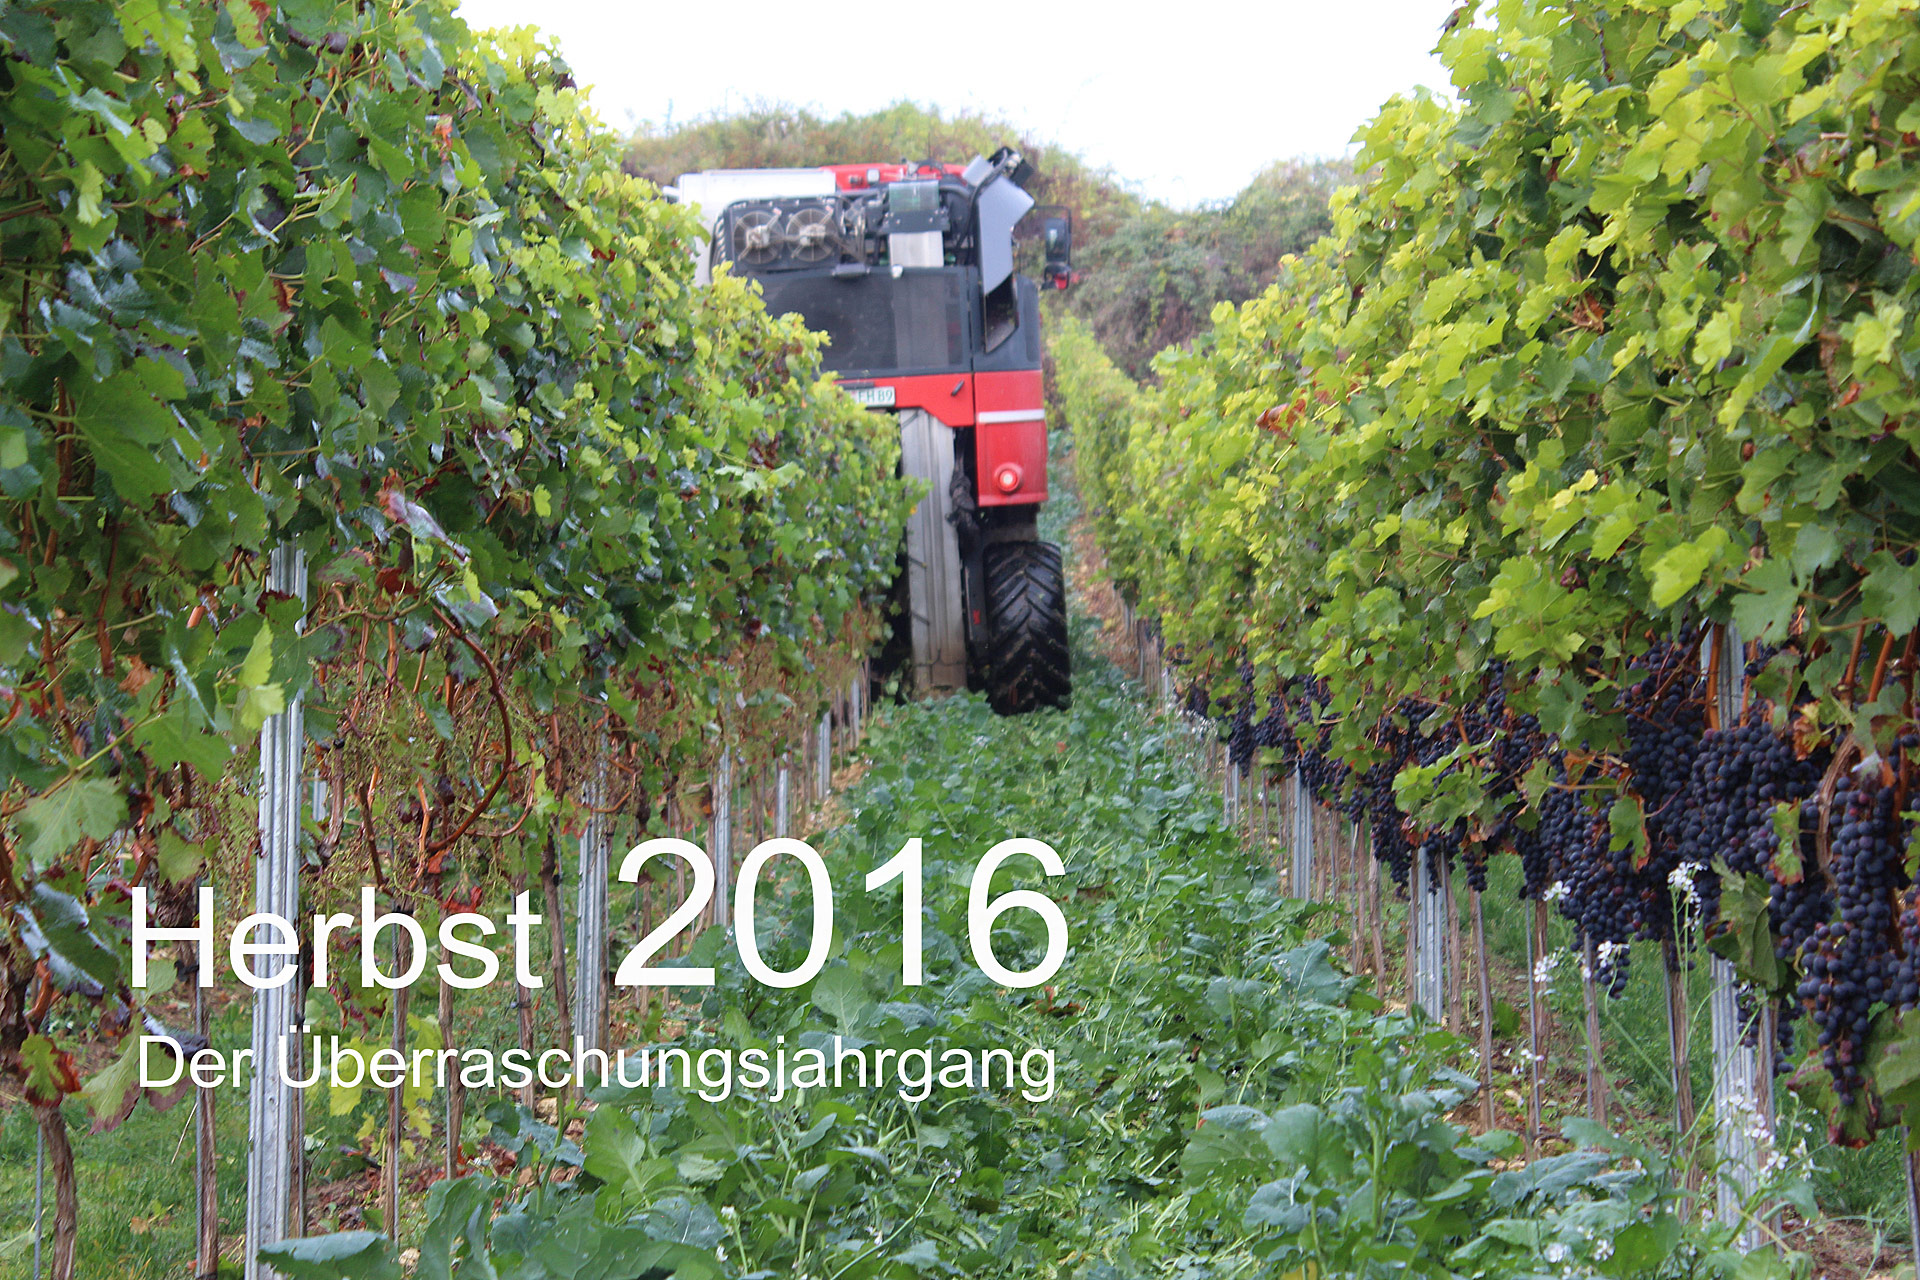 Herbstbericht 2016:Der Überraschungsjahrgang!